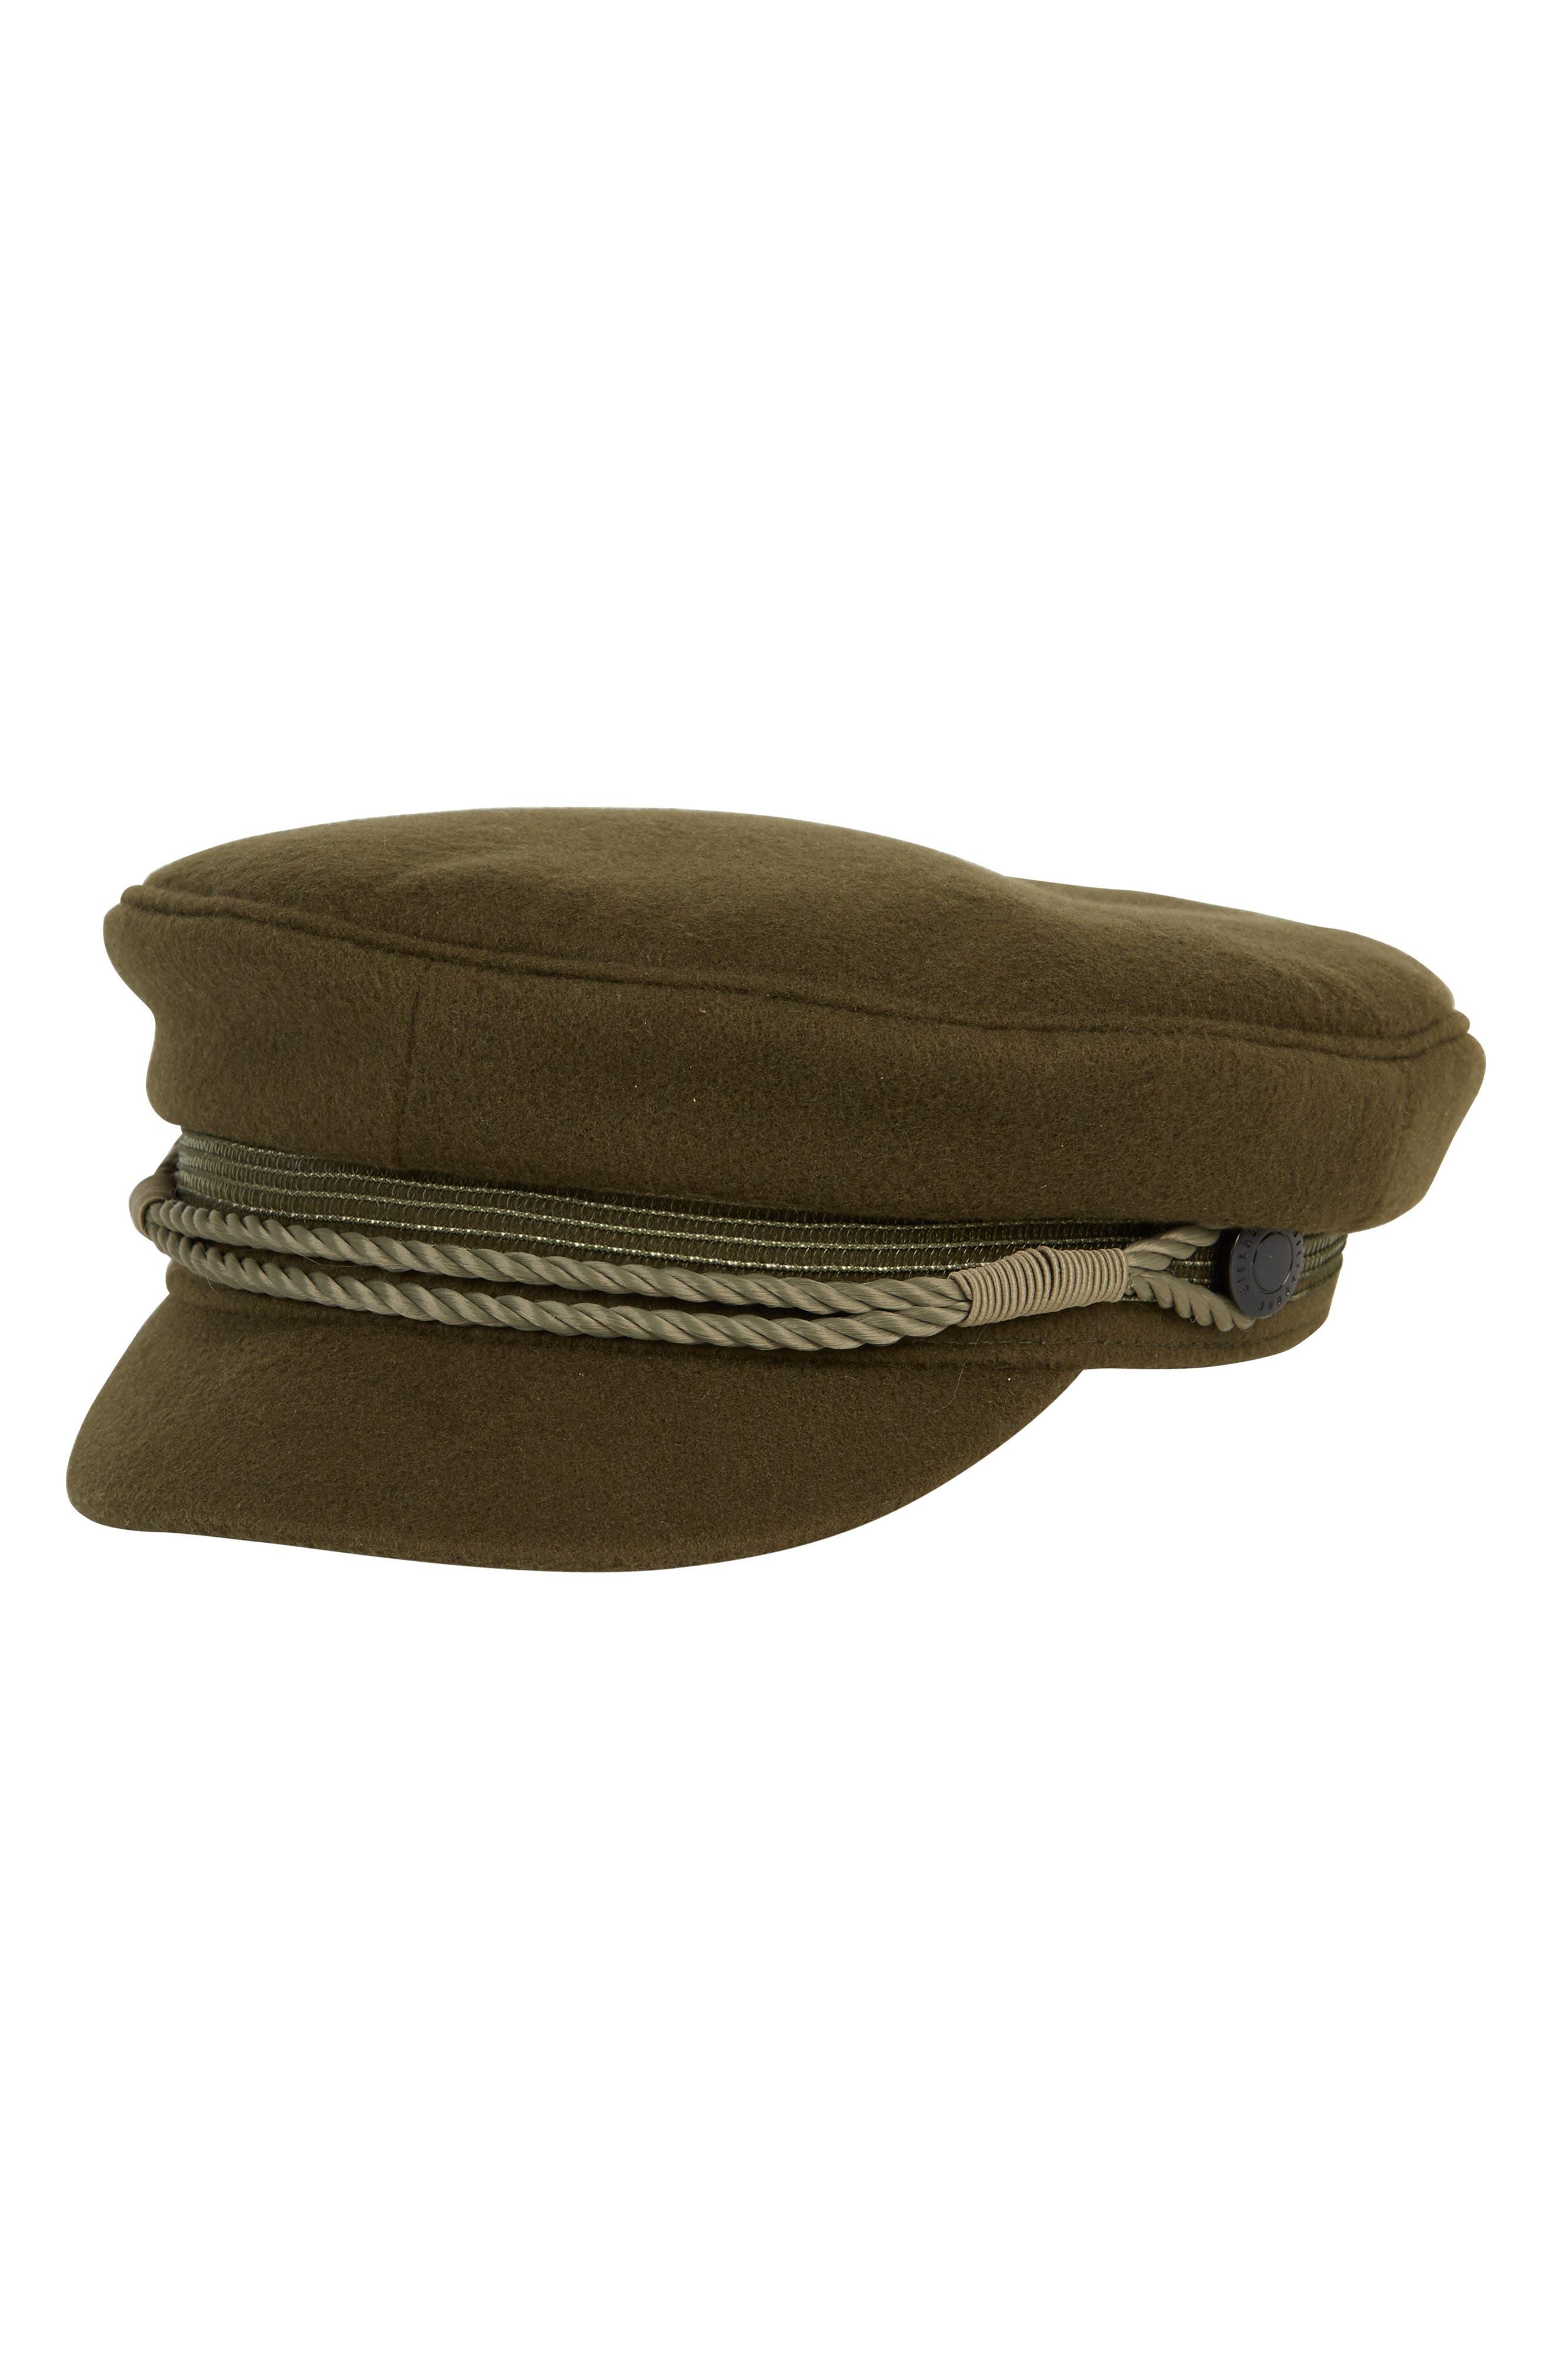 Jack Baker Boy Hat,                             Main thumbnail 1, color,                             OLIVE